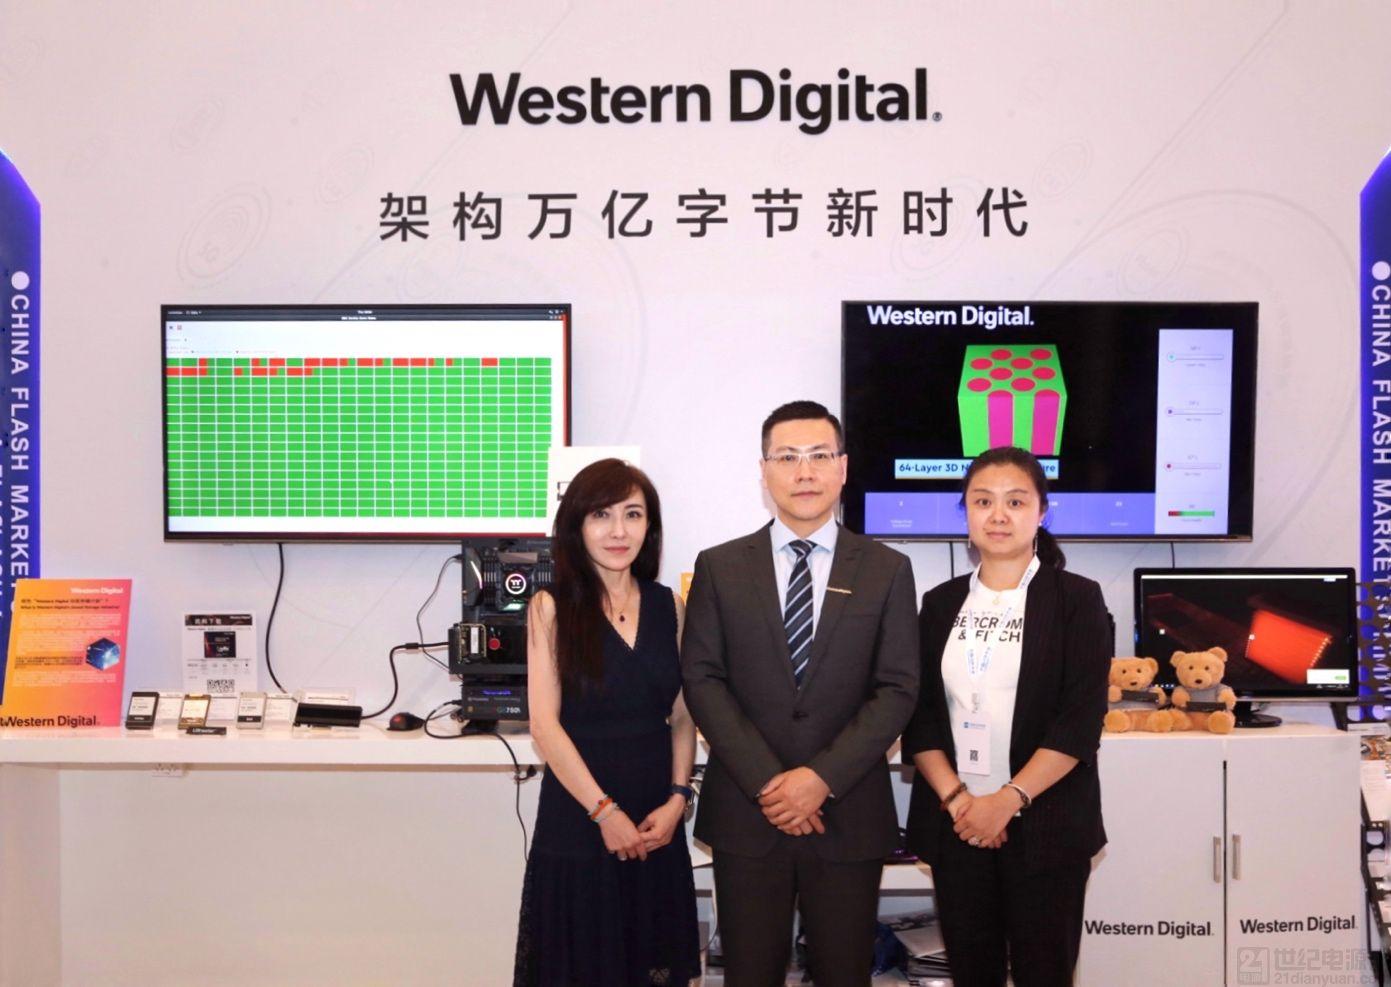 西部数据推动工业 4.0 转型,发布适用于工业级人工智能、机器学习和物联网应用的高耐久度存储解决方案